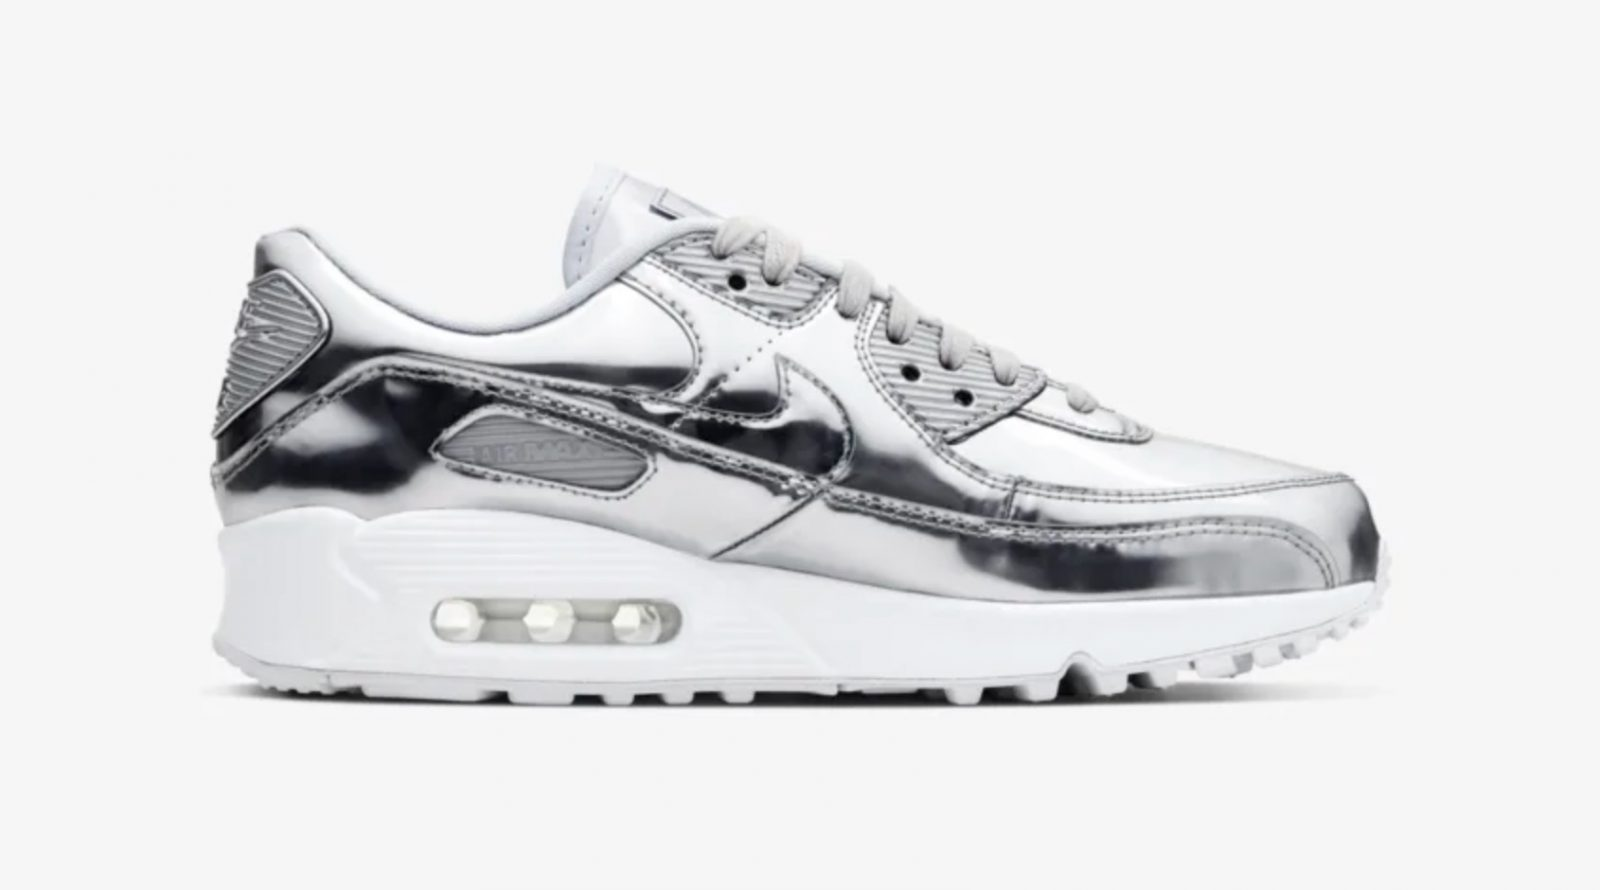 Nike Air Max 90 Liquid Metal Silver Chrome 2 right